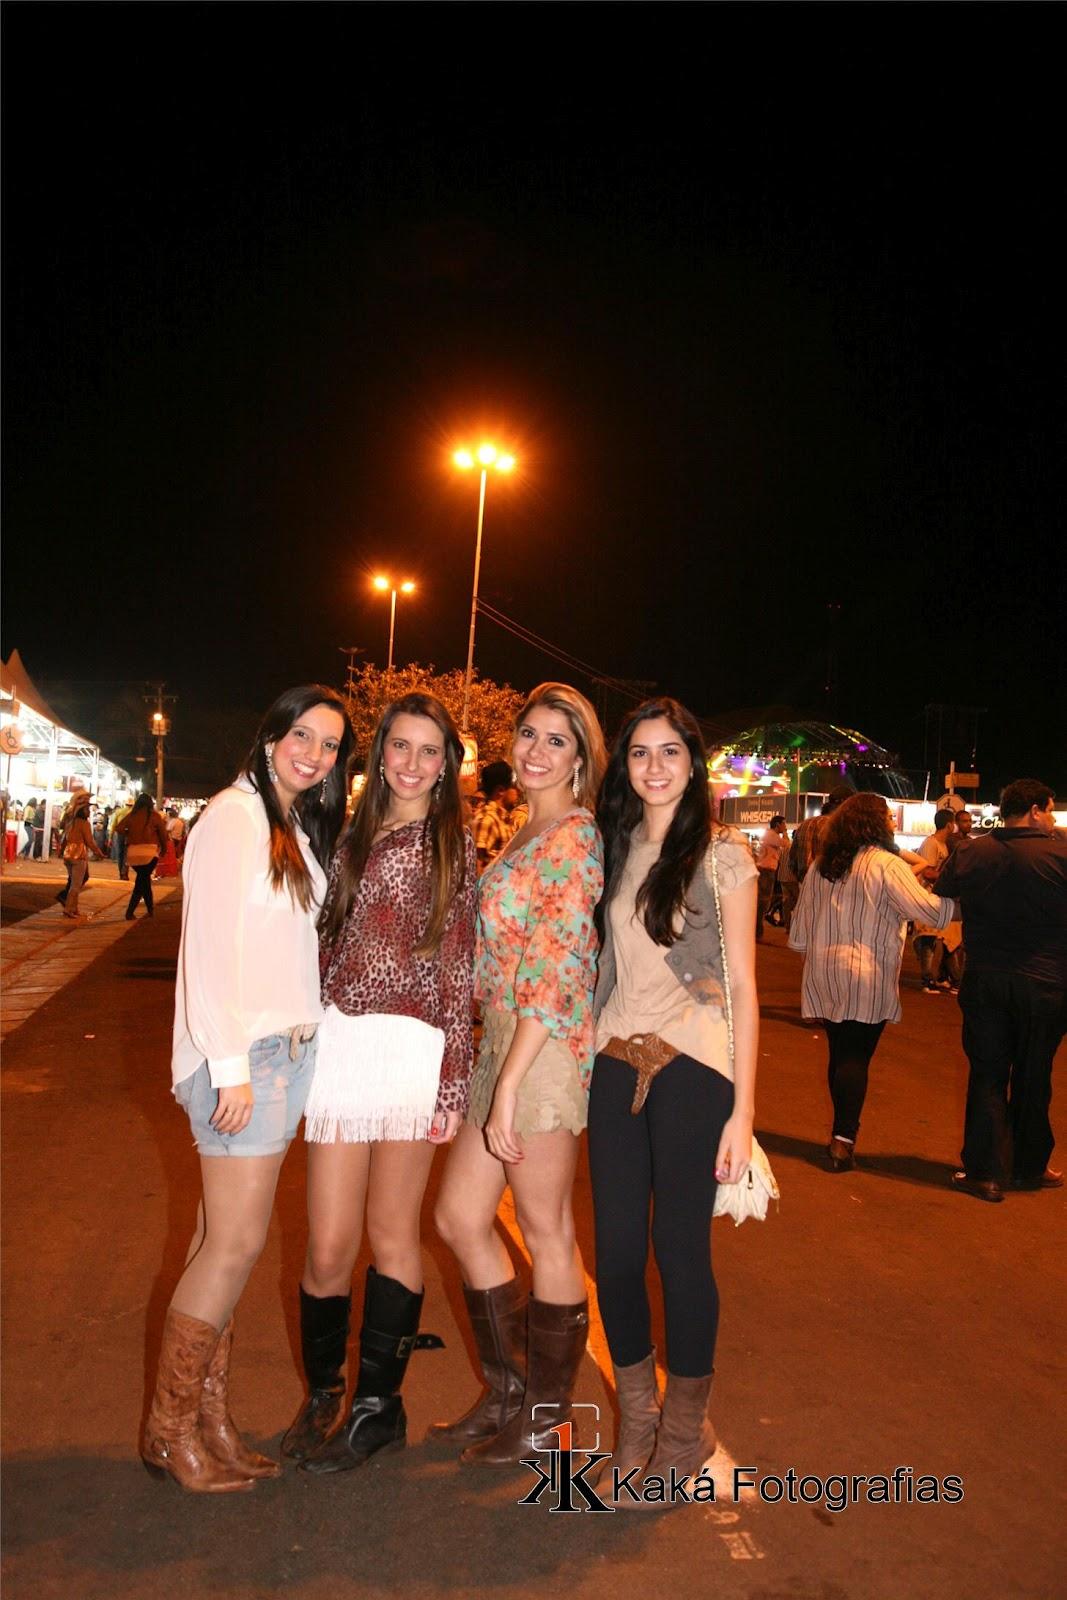 Look Barretos - m.facebook.com